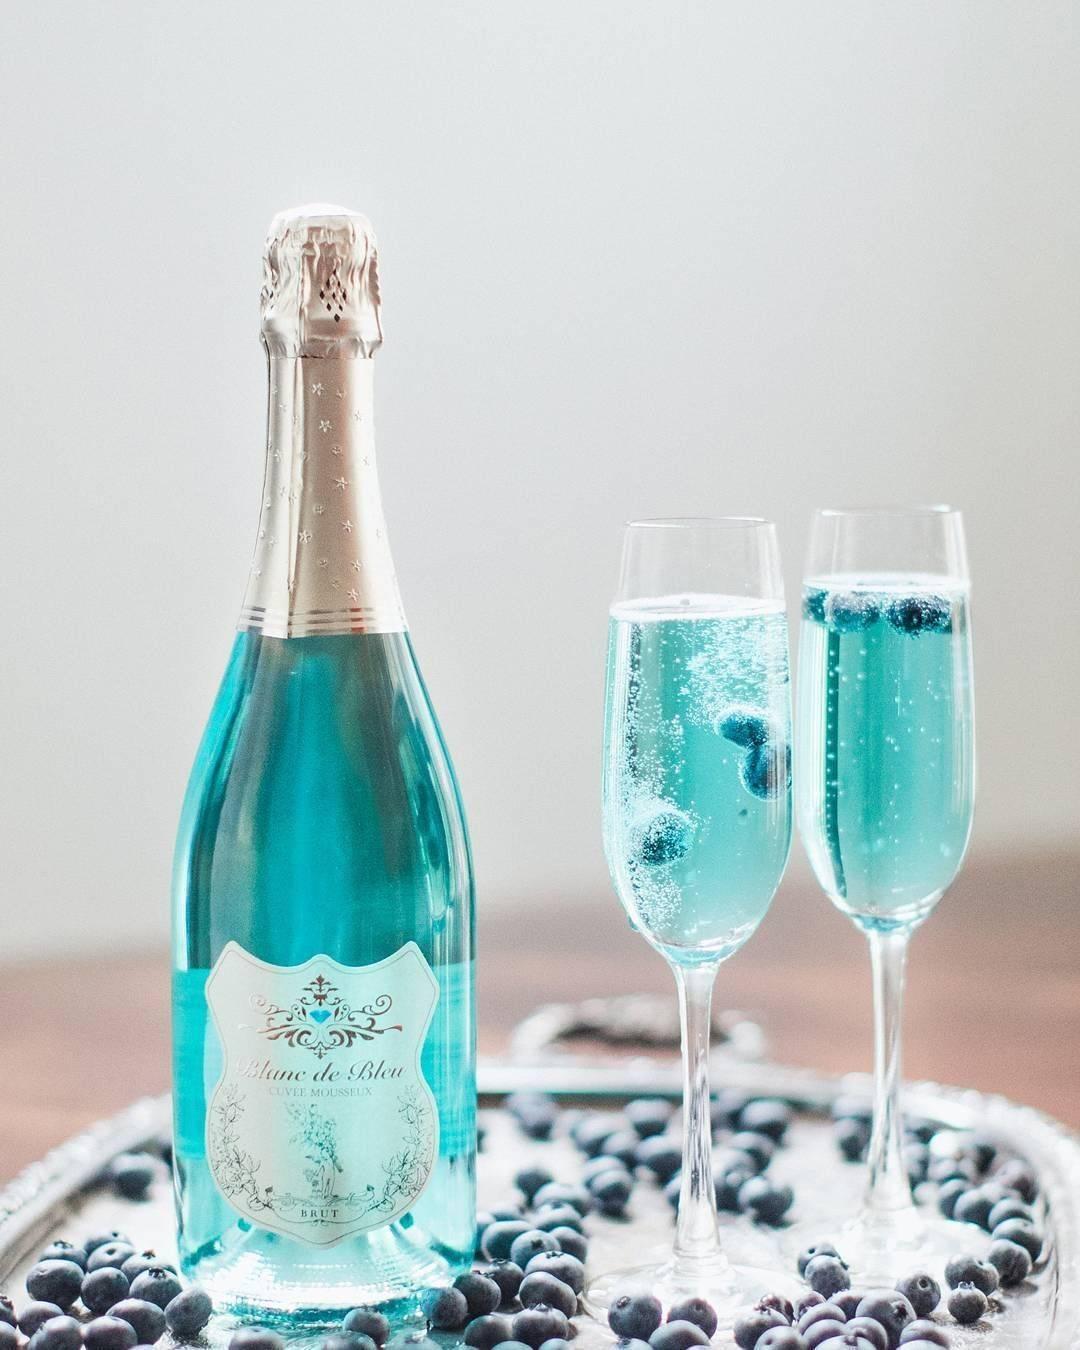 Новинка от виноделов: испанское виноградное голубое вино